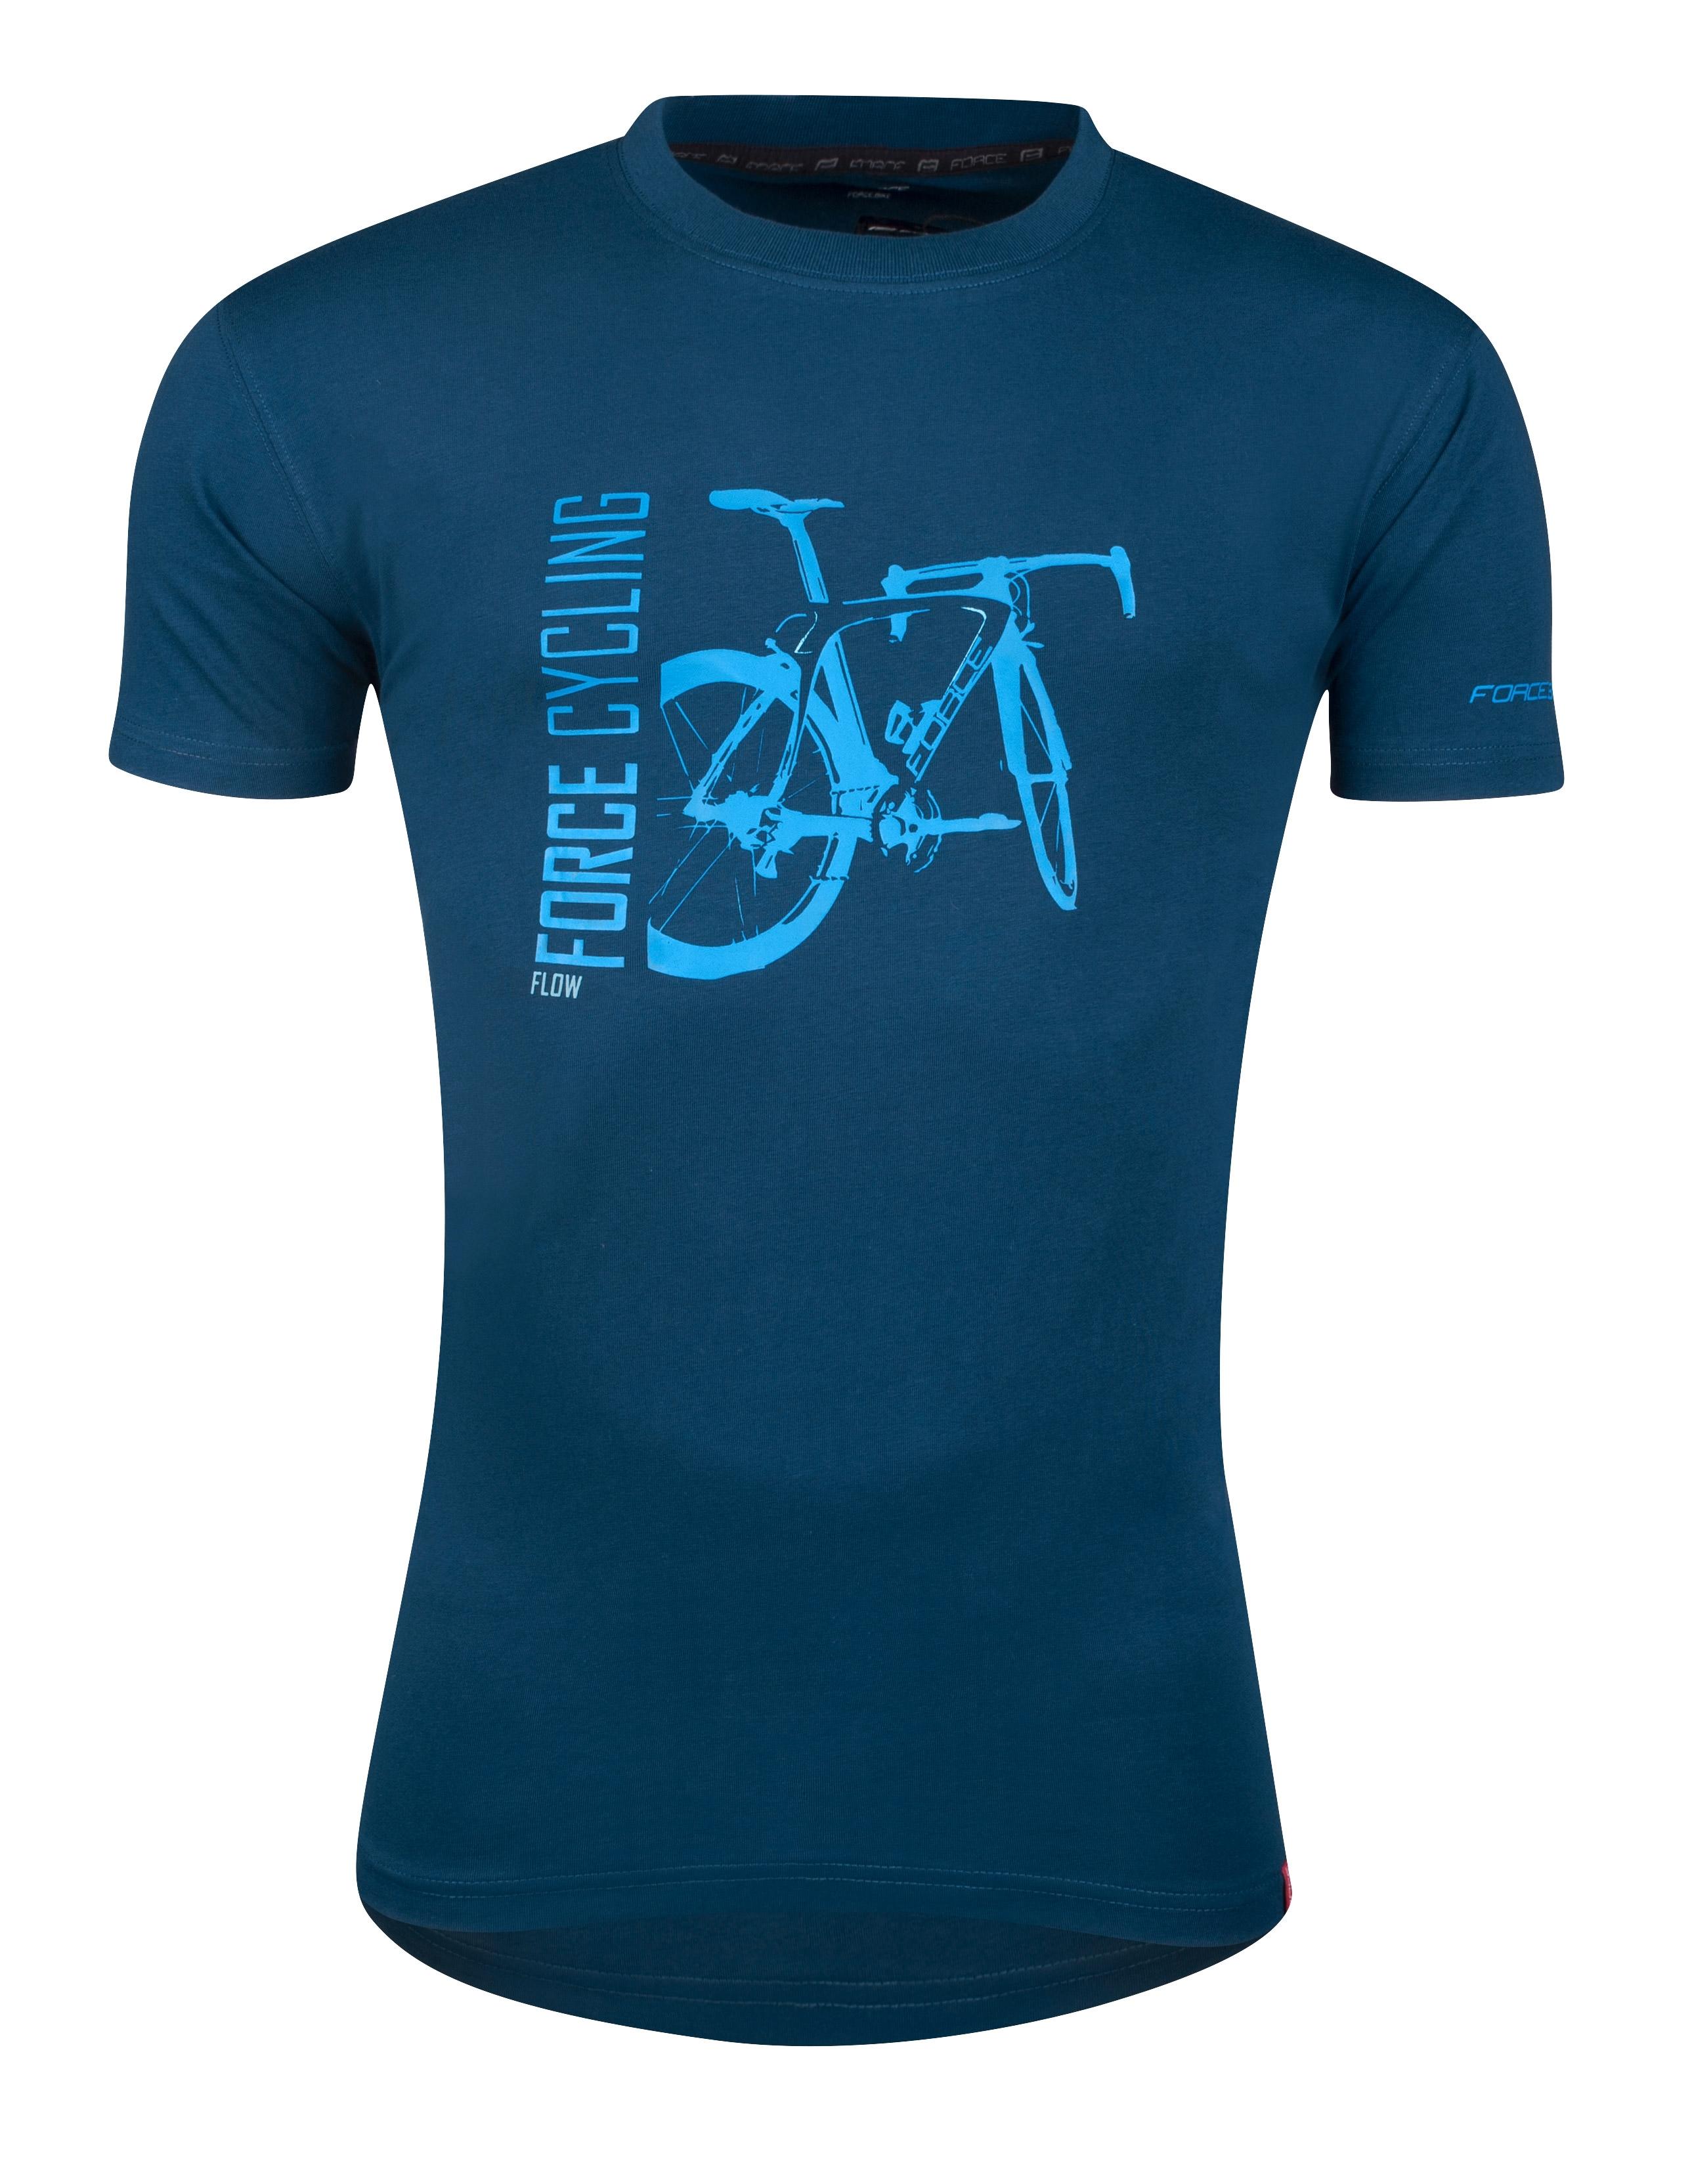 triko FORCE FLOW krátký rukáv,modré XS